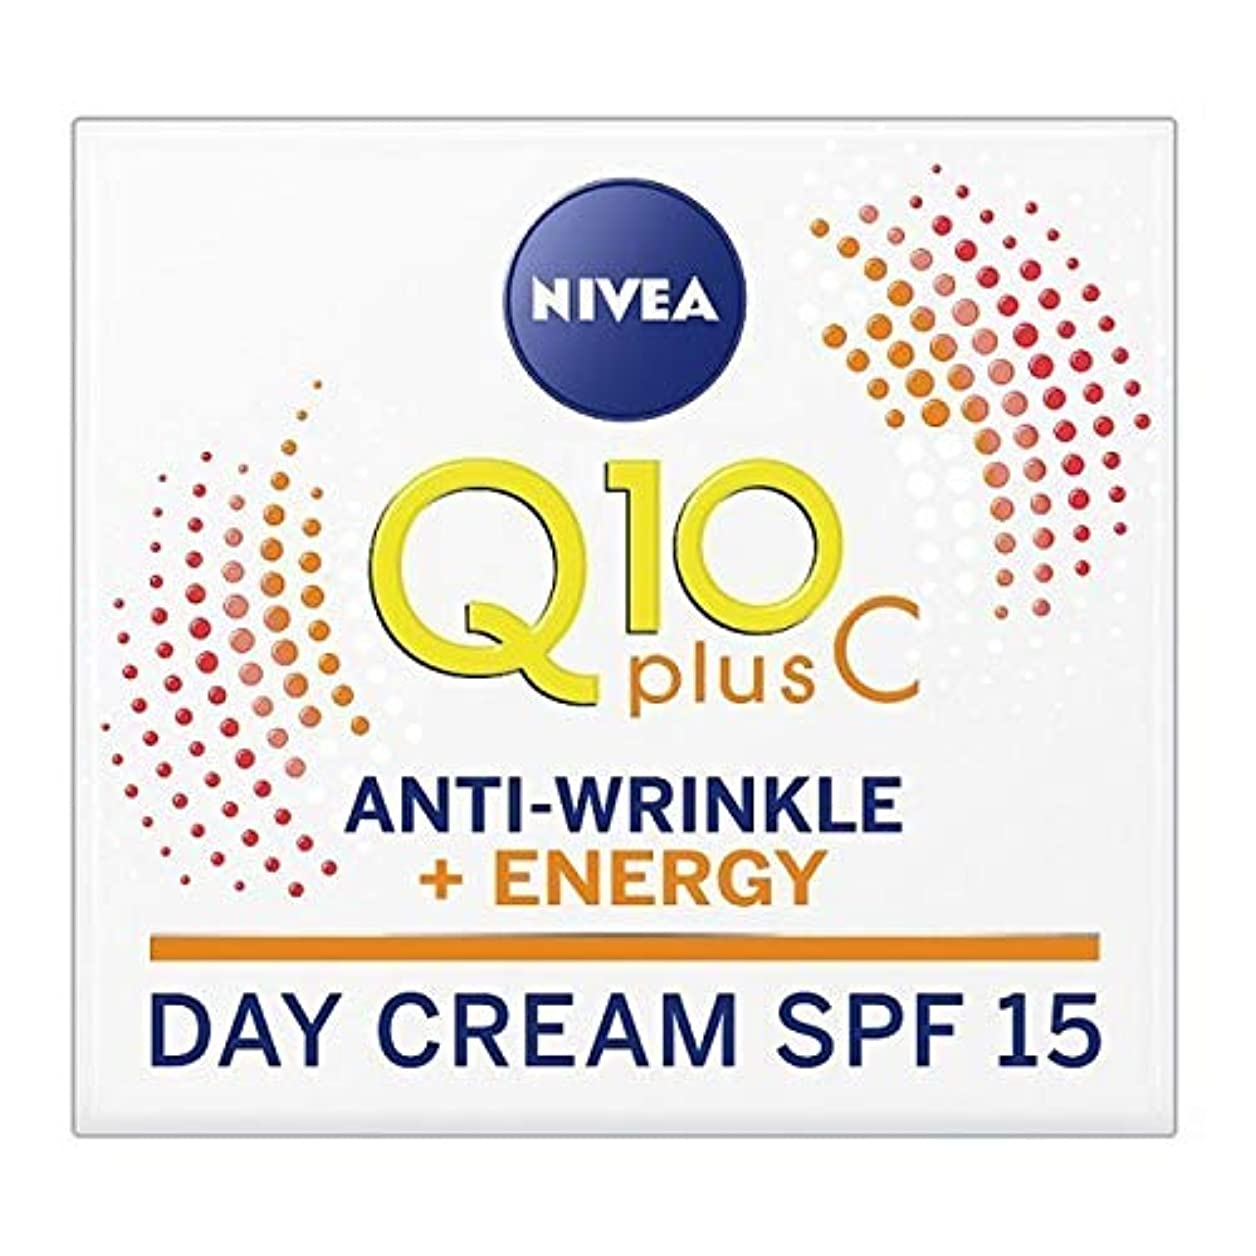 概して伝統パネル[Nivea ] ニベアのQ10、ビタミンC抗シワエネルギーフェイスクリームSpf 15 - NIVEA Q10 Vitamin C Anti-Wrinkle Energy Face Cream SPF 15 [並行輸入品]